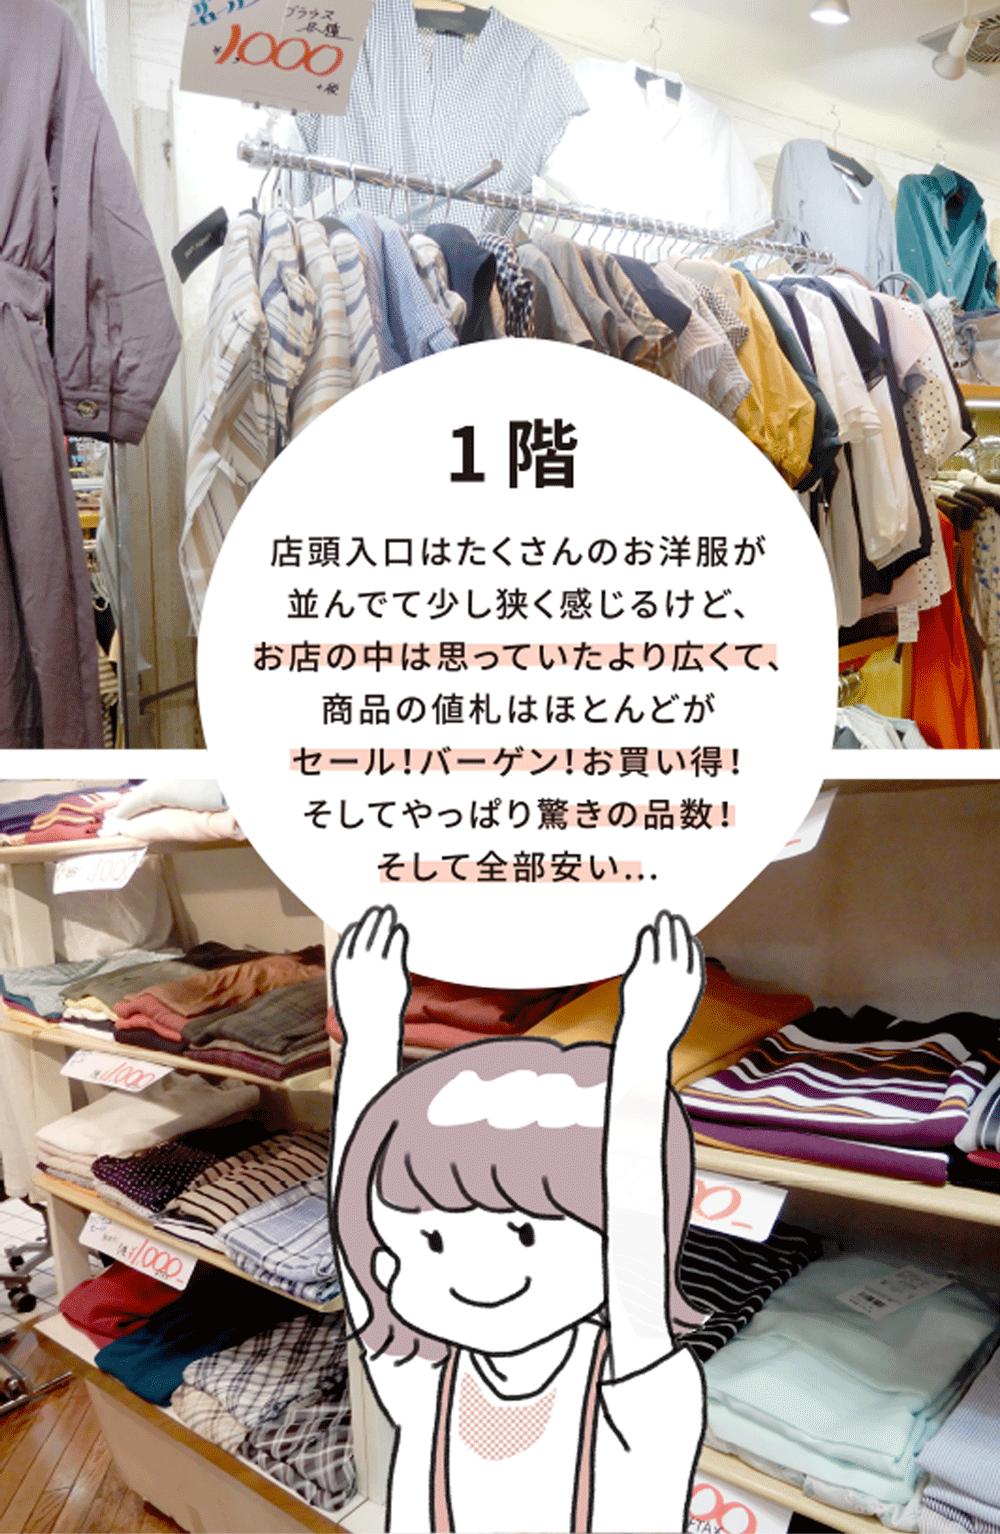 1階 店頭入口はたくさんのお洋服が 並んでて少し狭く感じるけど、お店の中は思っていたより広くて、商品の値札はほとんどがセール!バーゲン!お買い得!そしてやっぱり驚きの品数!そして全部安い…